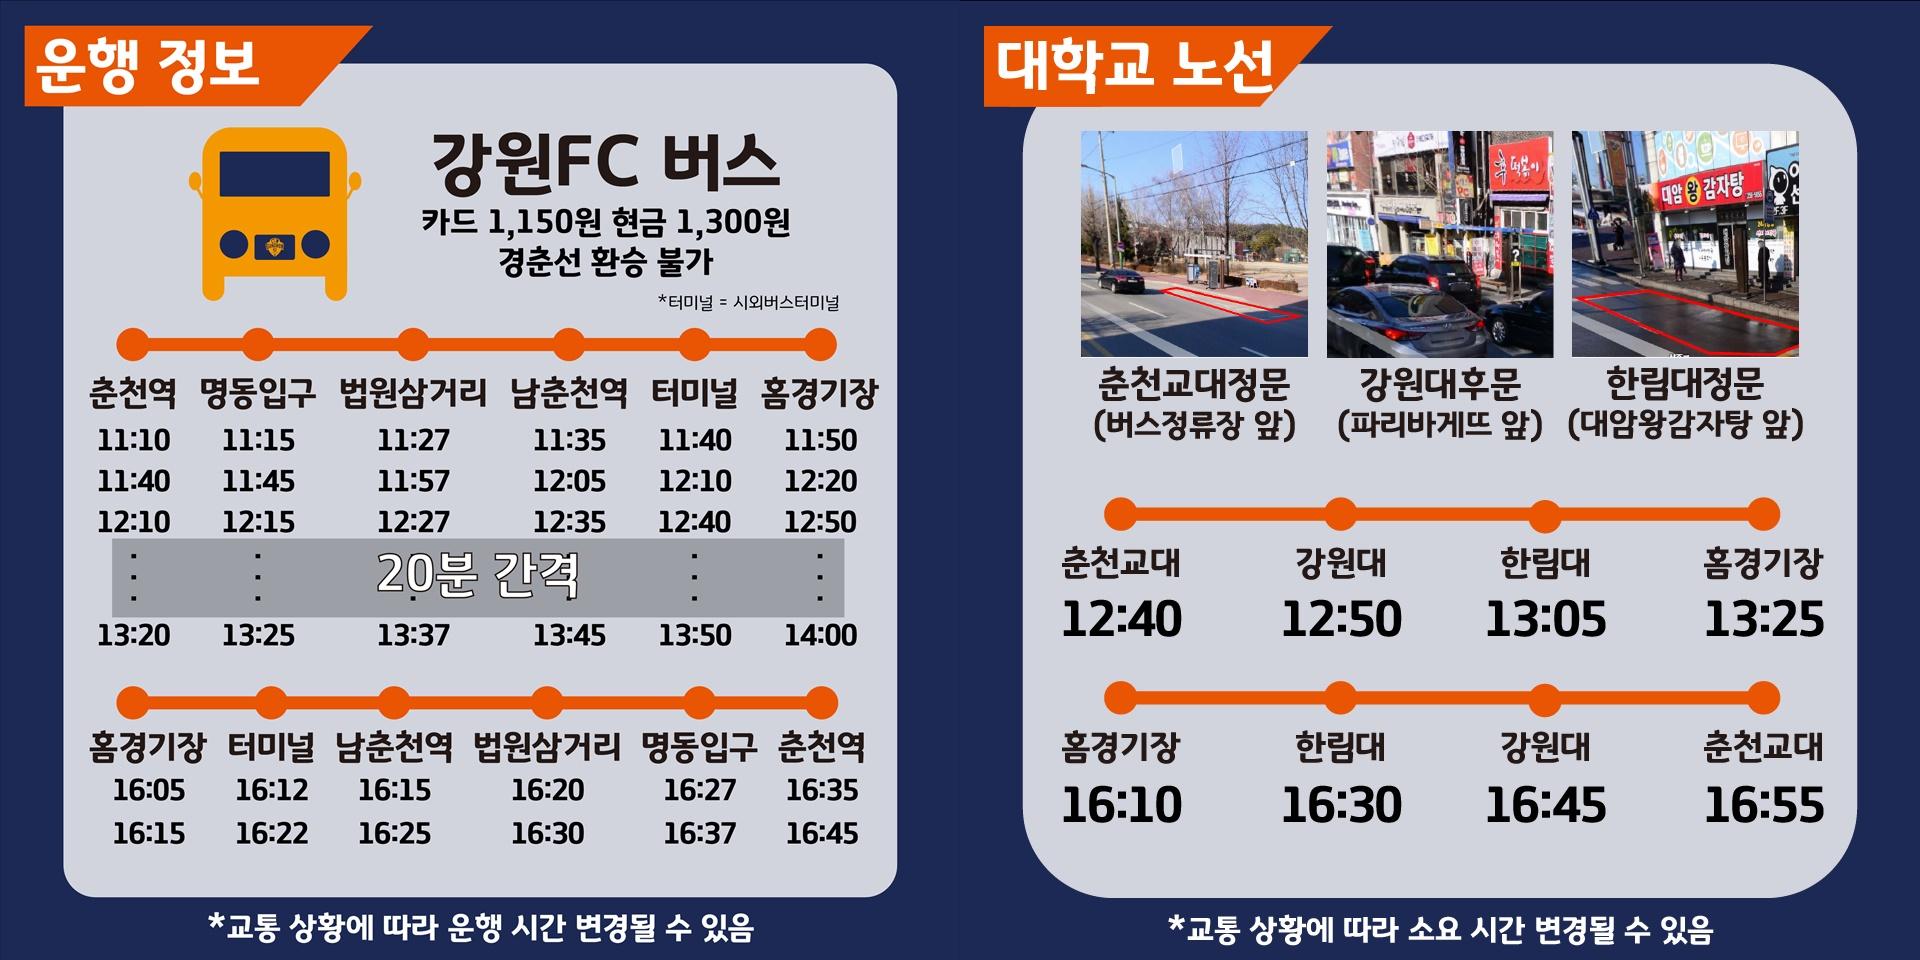 강원FC, 춘천 홈 팬들 위한 '셔틀버스' 노선 확대